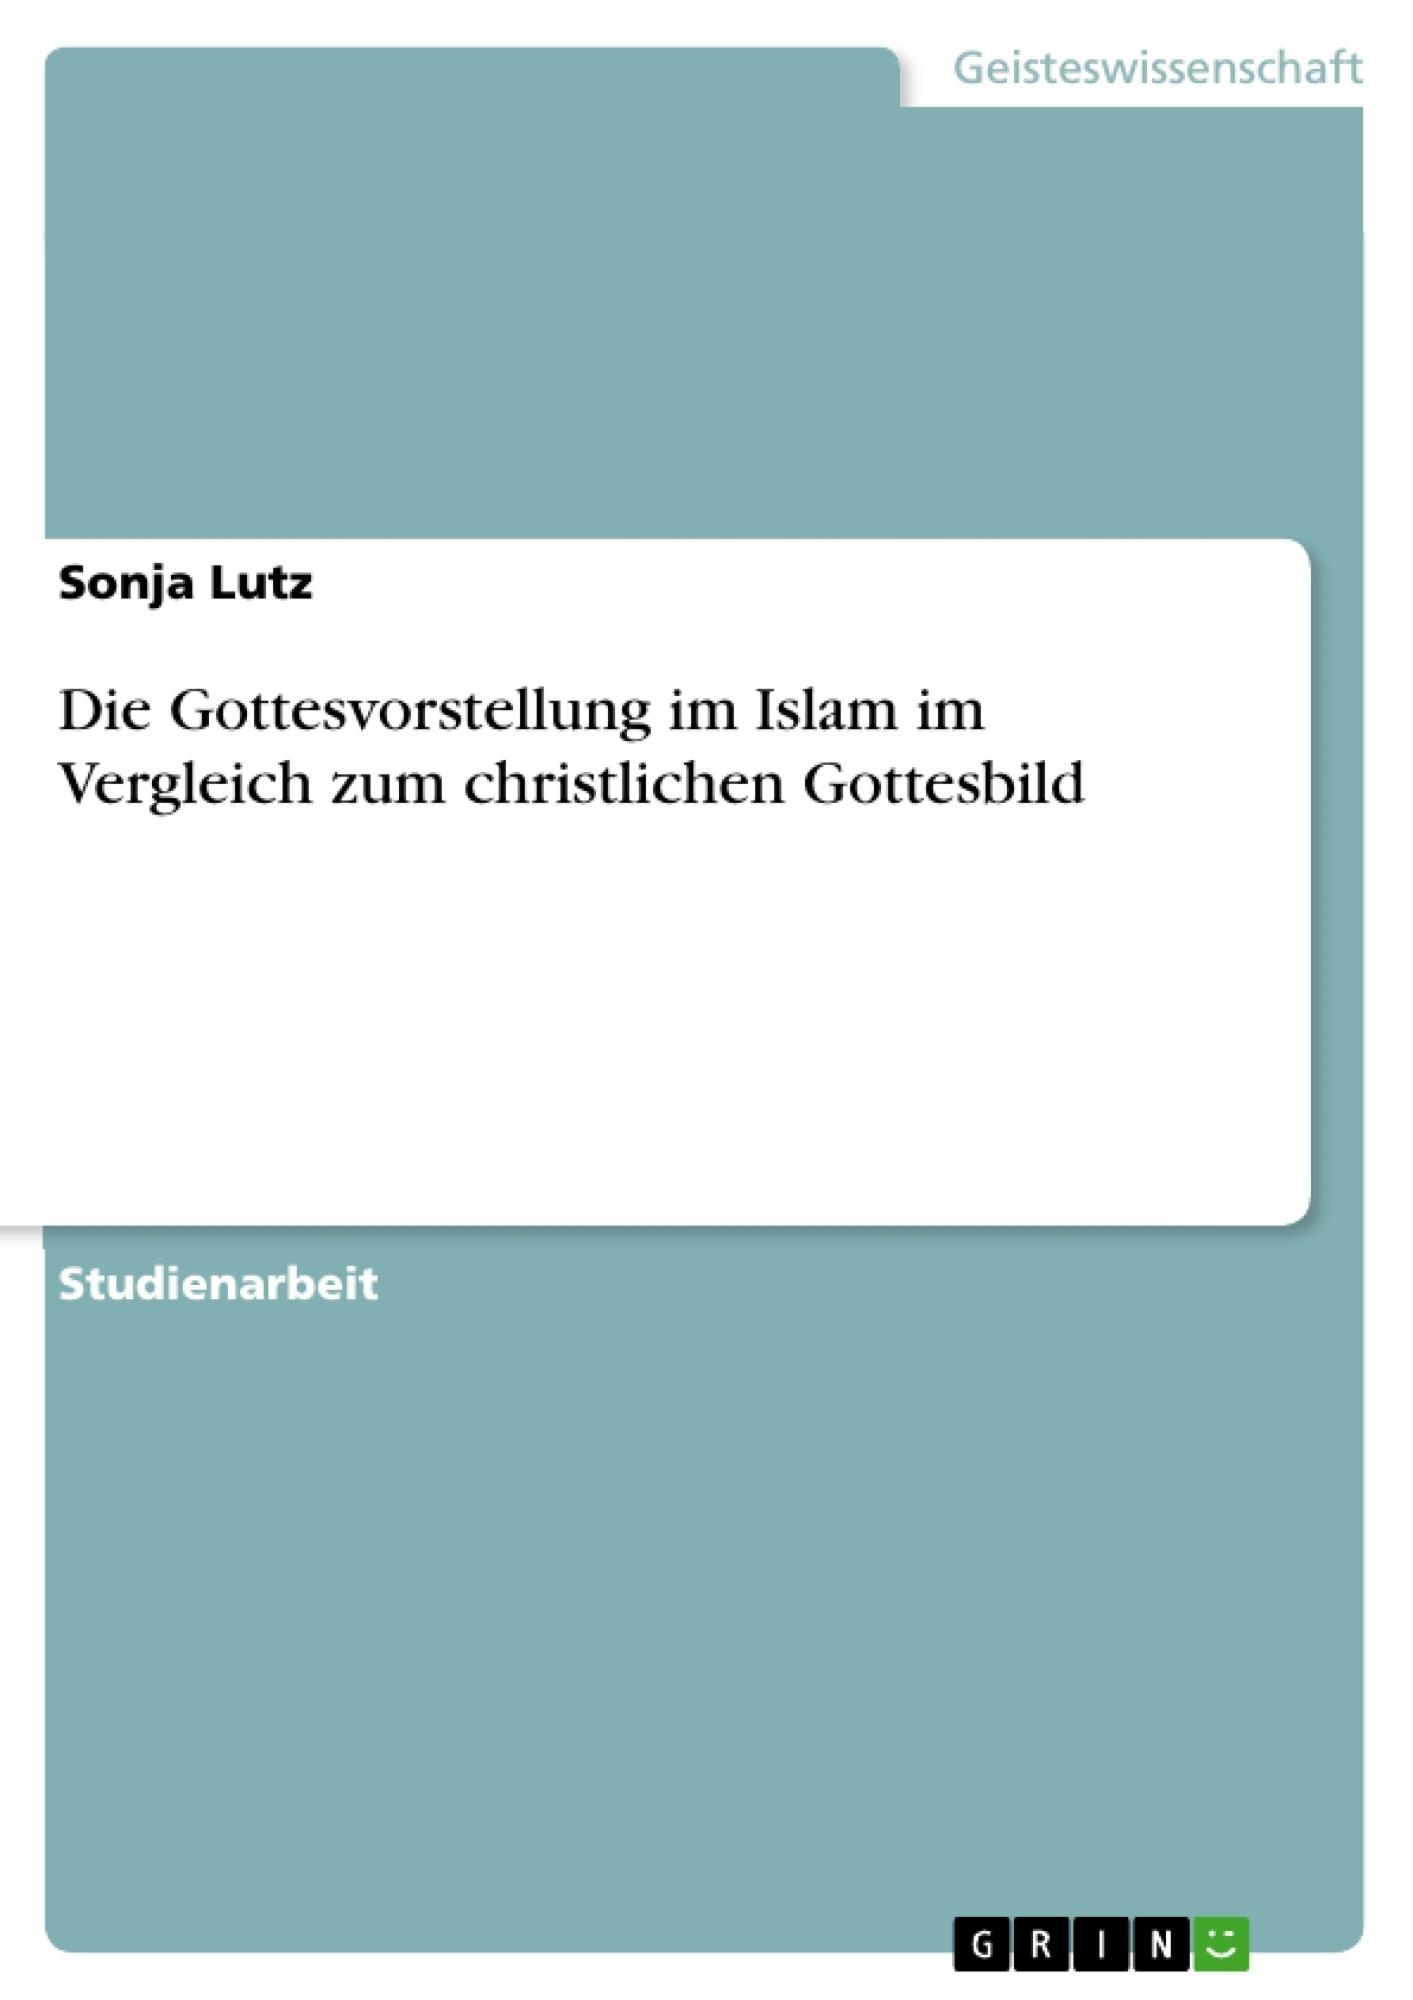 Titel: Die Gottesvorstellung im Islam im Vergleich zum christlichen Gottesbild